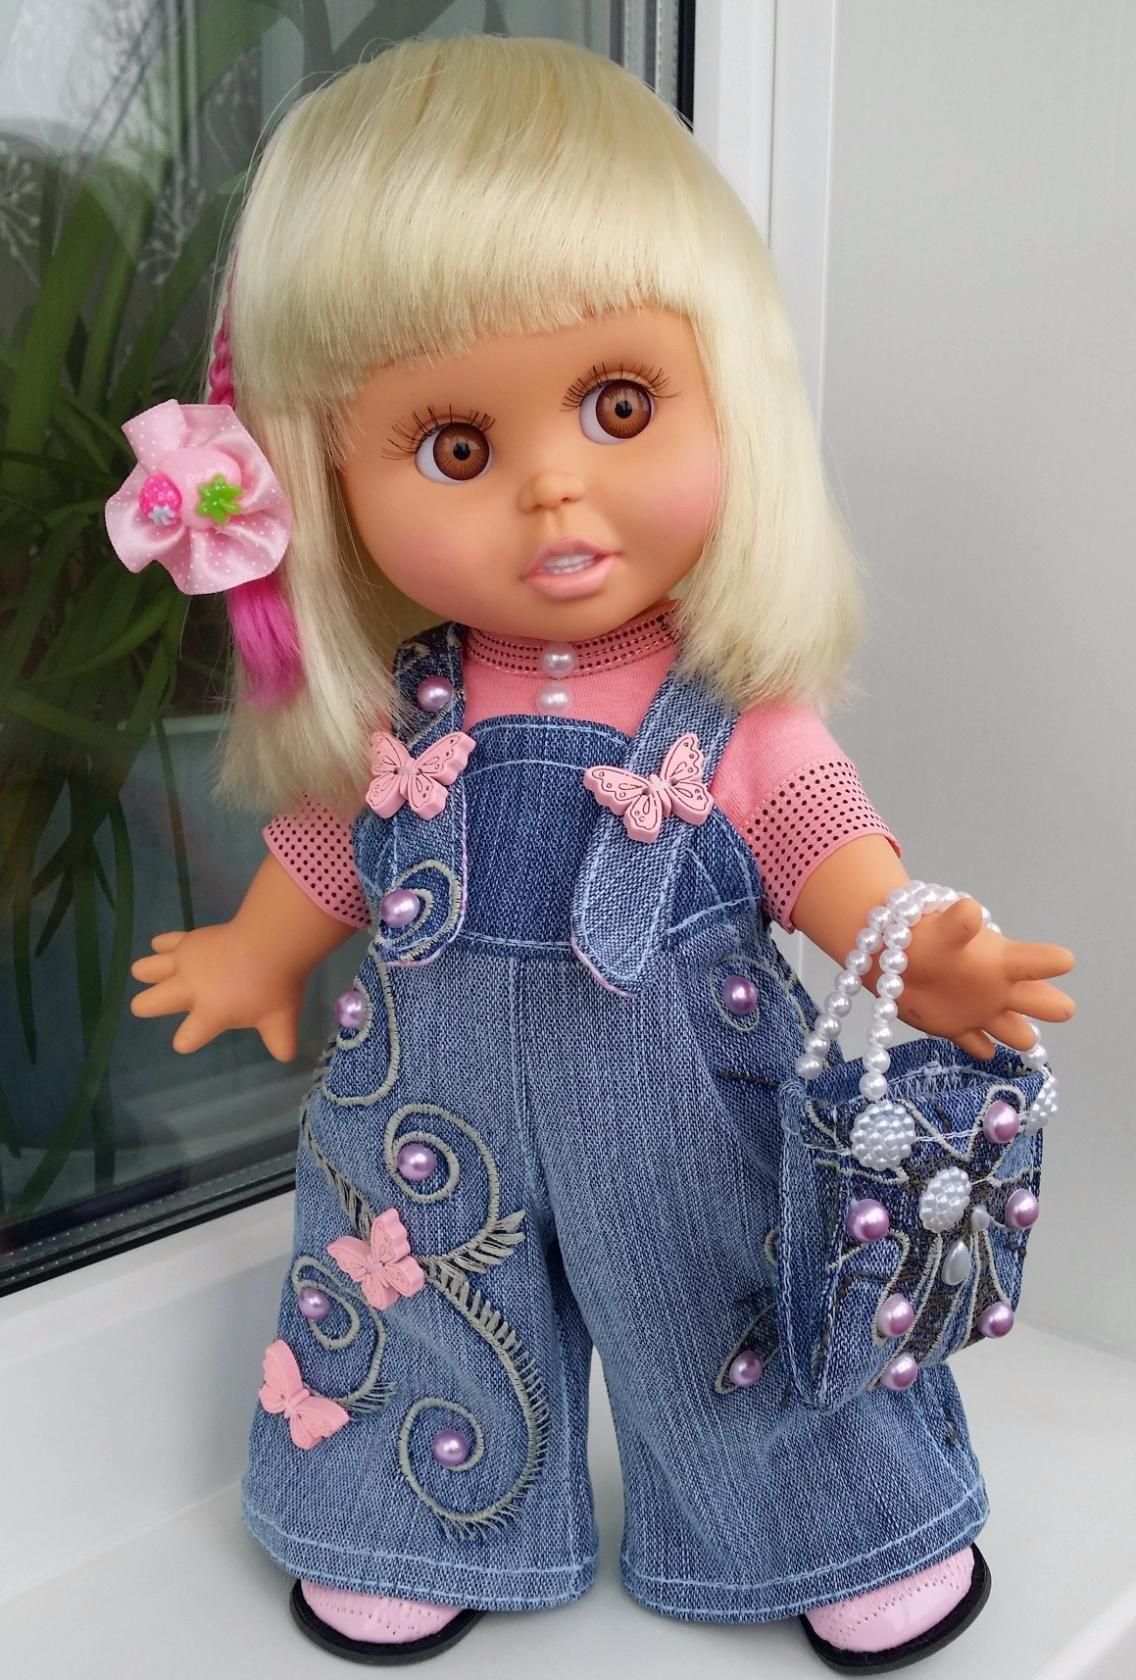 Джинсовый полукомбинезон для куклы, одежда для куклы